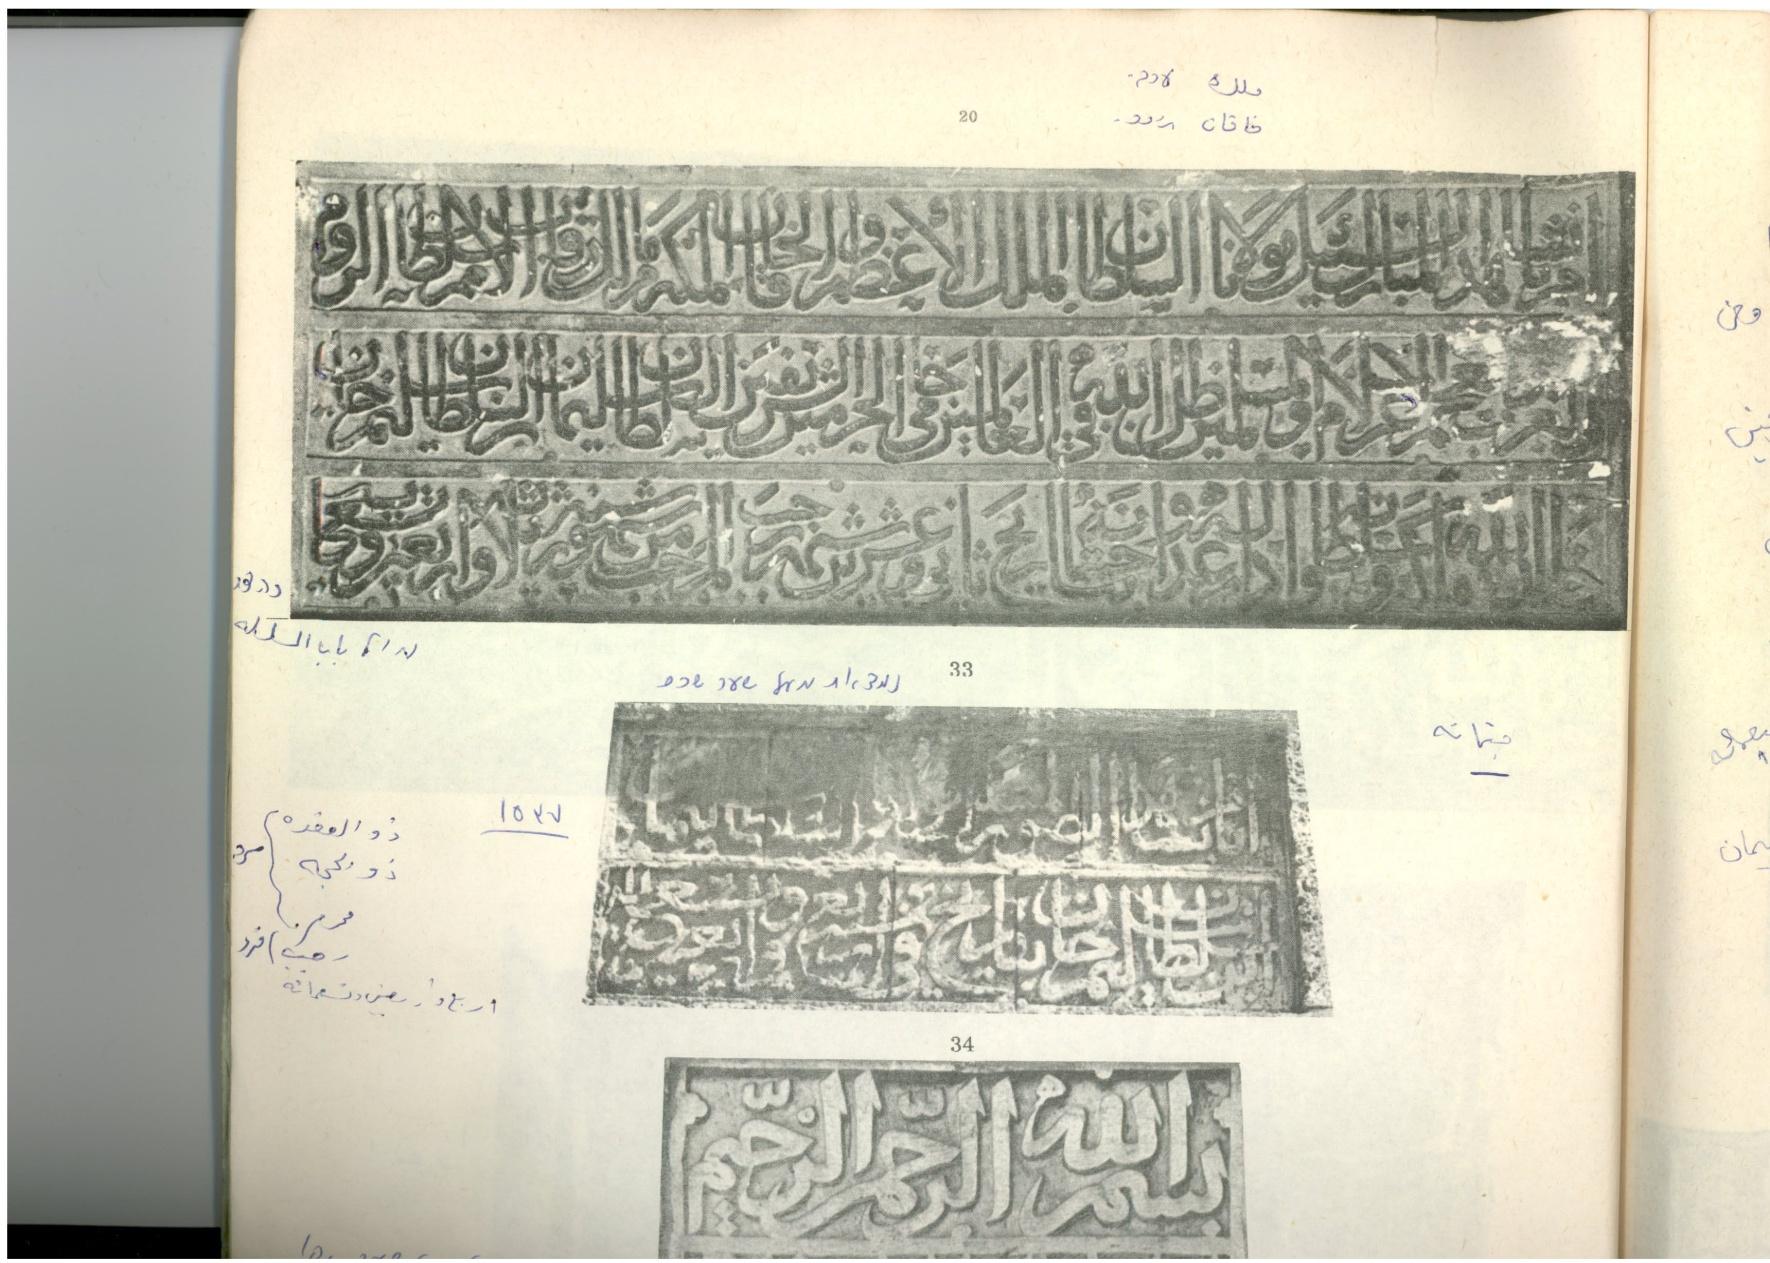 رابطة أدباء الشام لقب خادم الحرمين الشريفين في النقوش والكتابات التاريخية